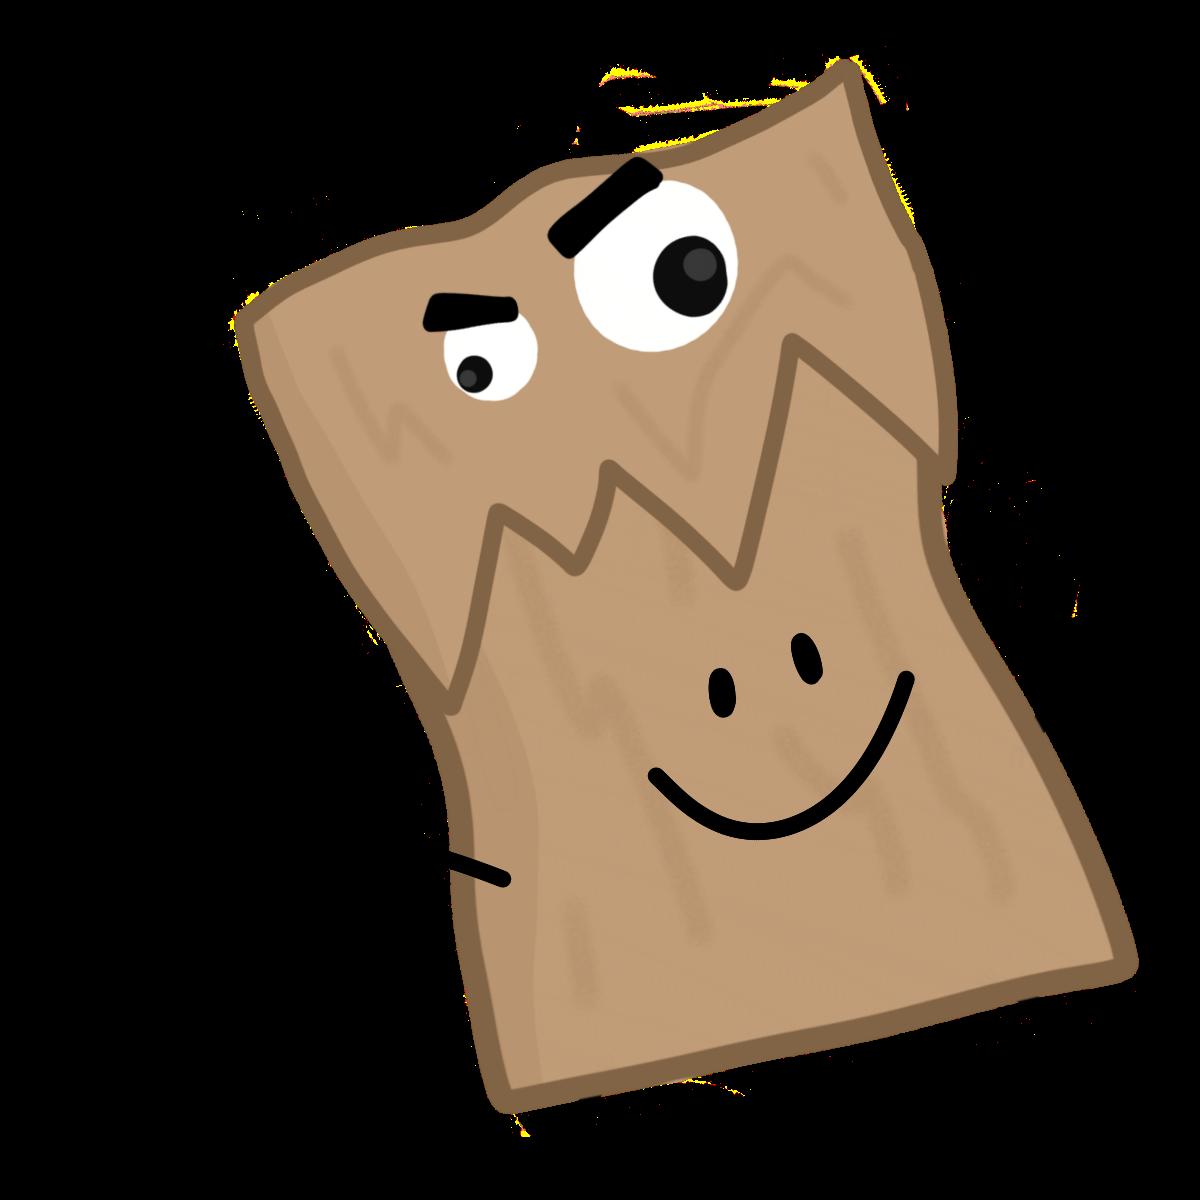 Cardboard Monster (Object Object)